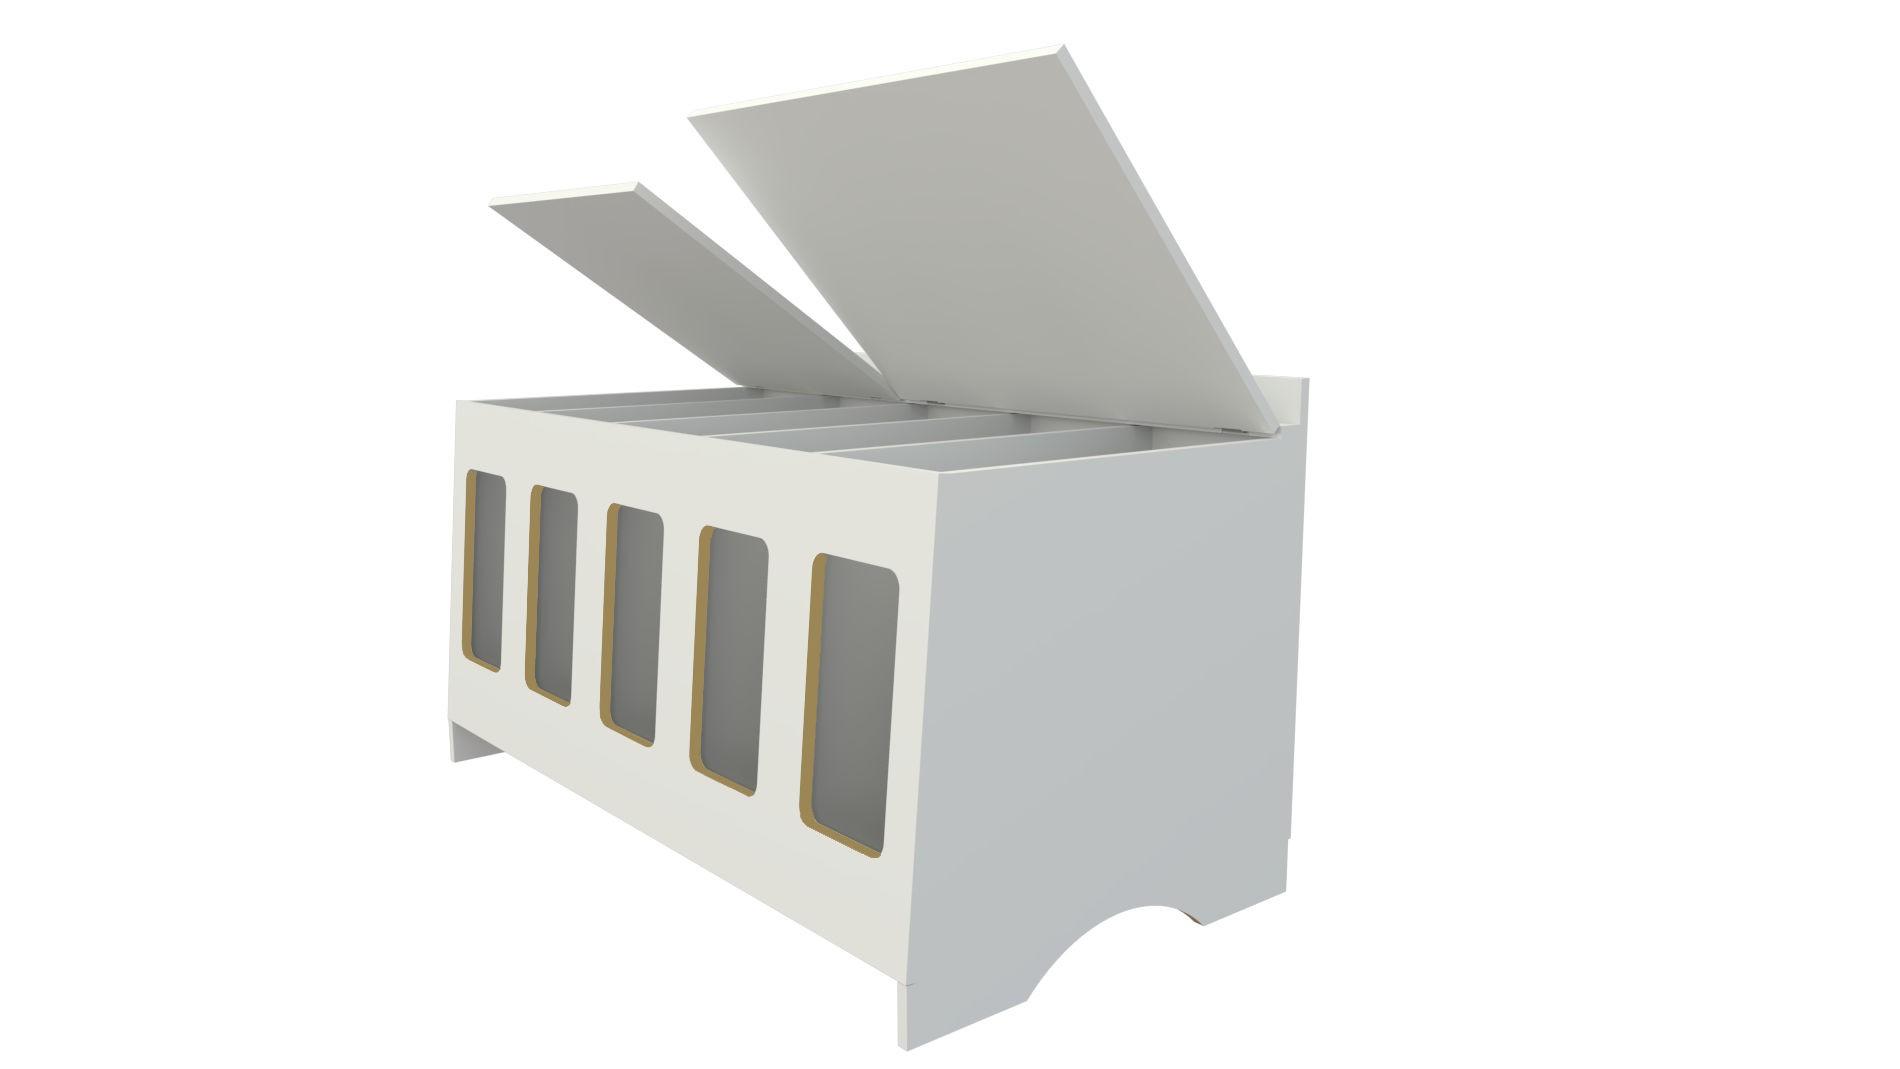 Pet Box 5 divisões (expositor, ração, cães, Gatos, Pet)